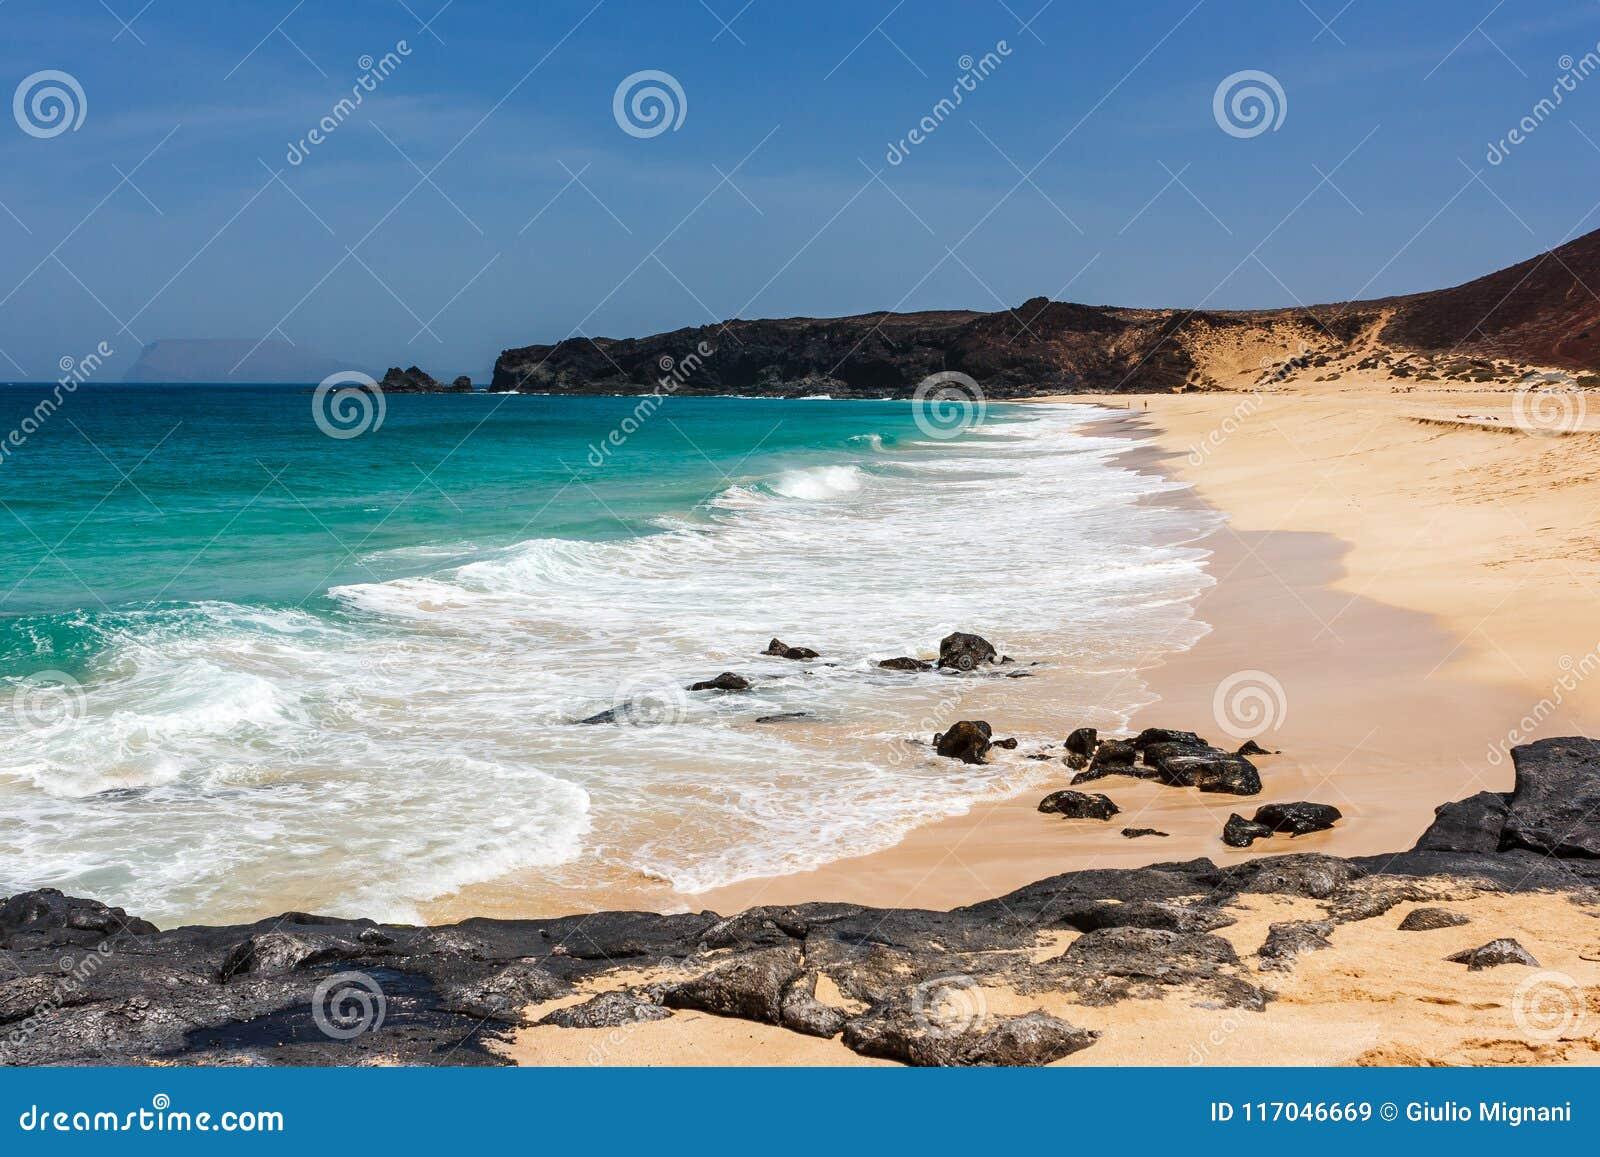 Panorama van Playa DE las Conchas strand met blauw oceaan en wit zand La Graciosa, Lanzarote, Canarische Eilanden, Spanje